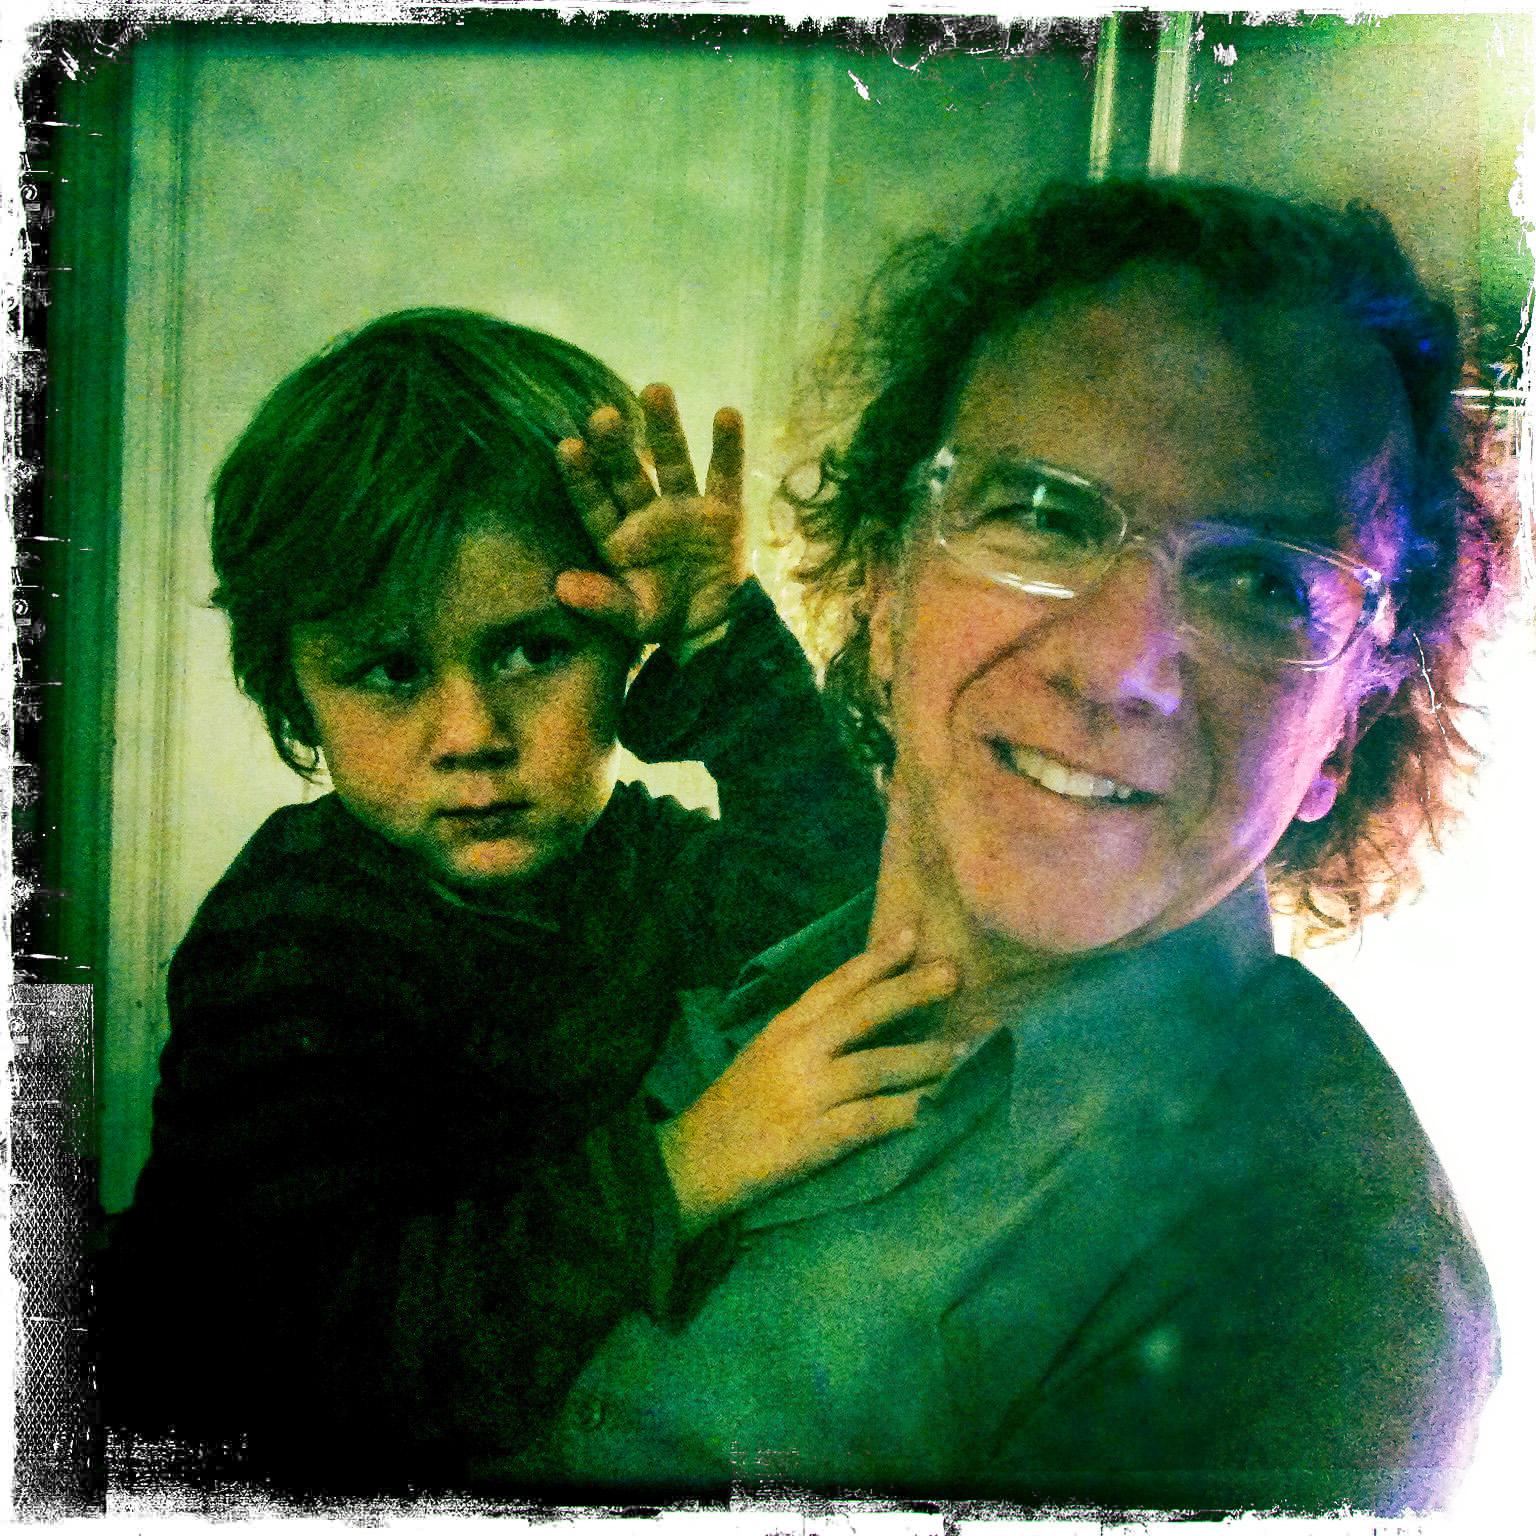 Portrait Vater und Sohn im Hipstamatic-Style